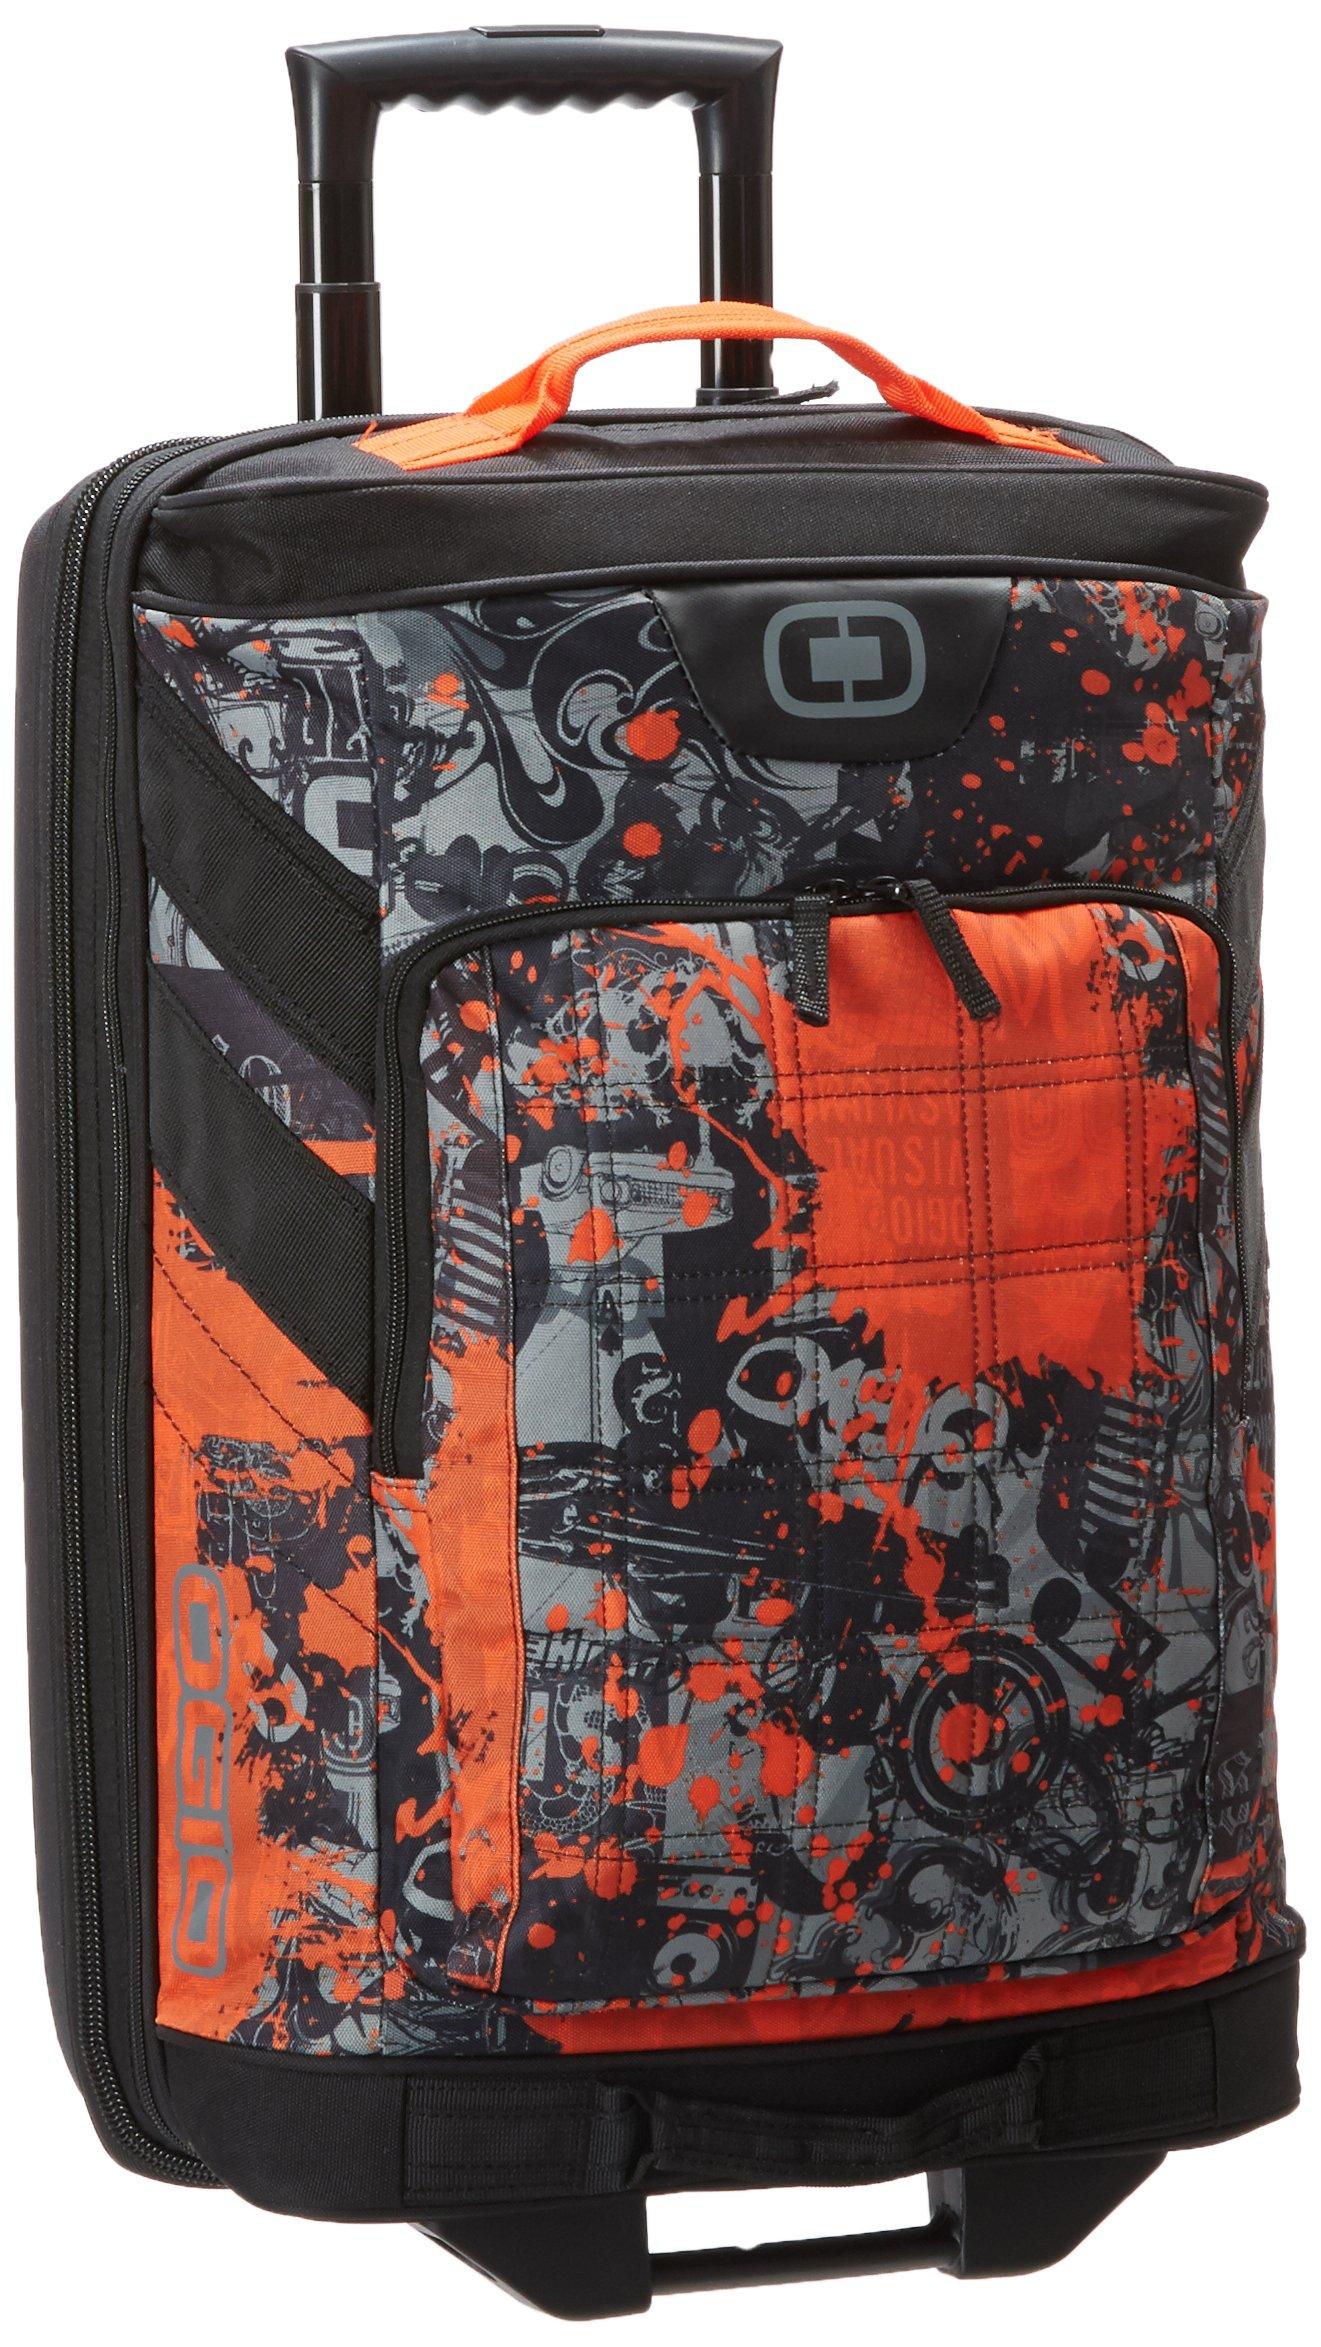 OGIO International Tarmac 20 Duffel Bag, Rock and Roll by OGIO